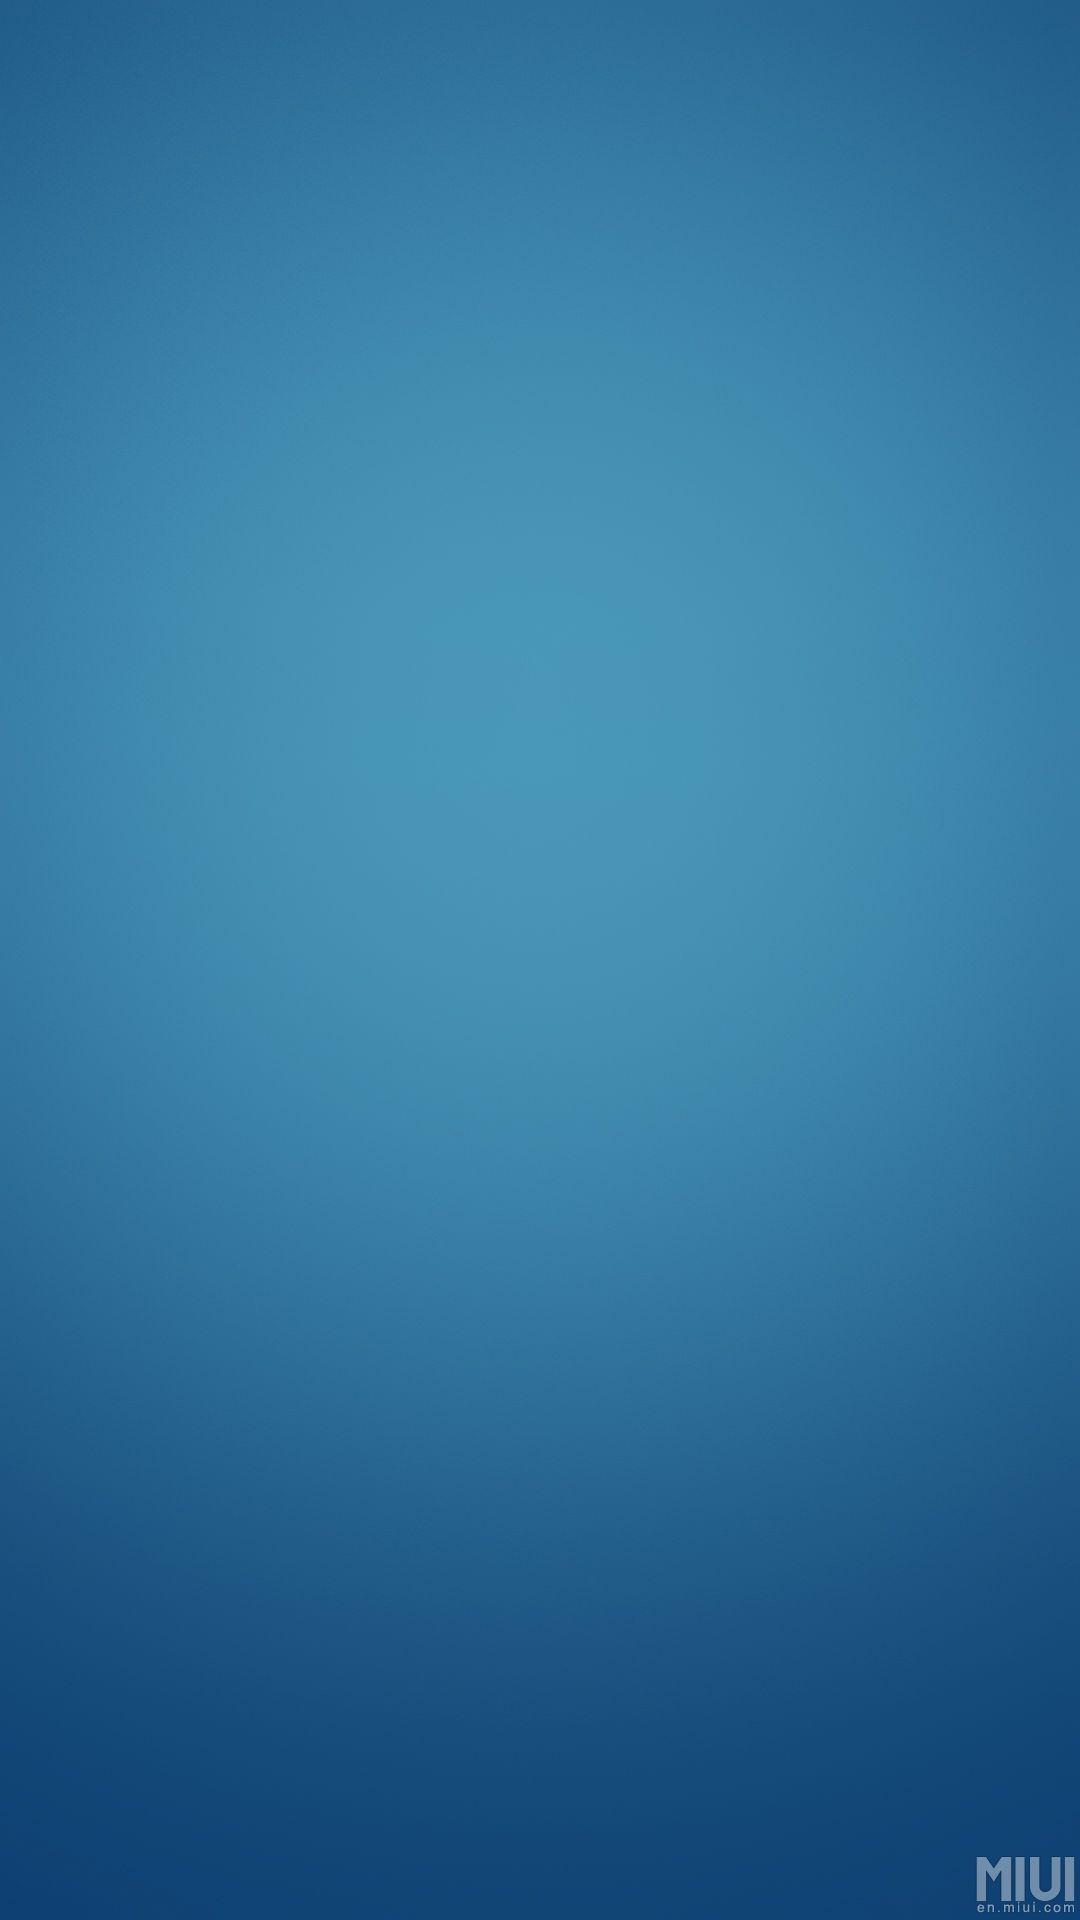 Xiaomi Redmi Note 4 Wallpapers Wallpaper Cave